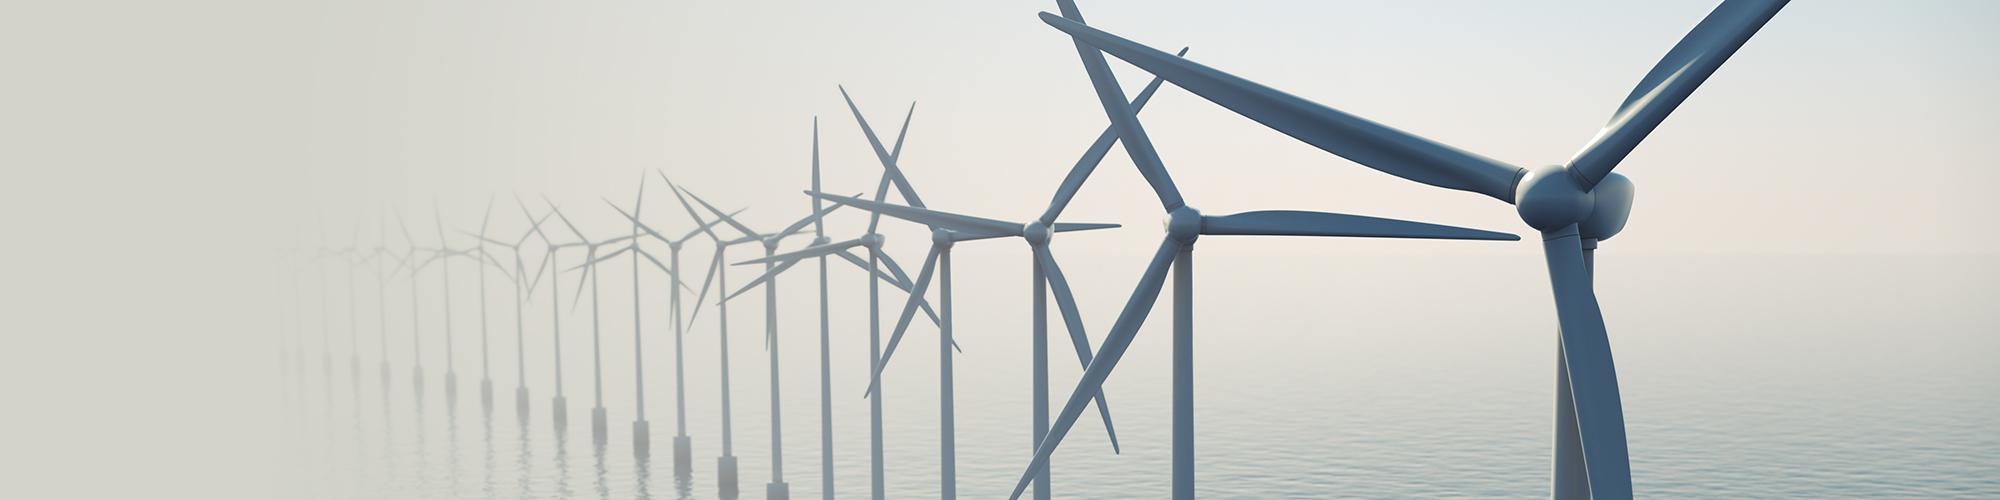 Énergie Non-nucléaire, environnement, OEM